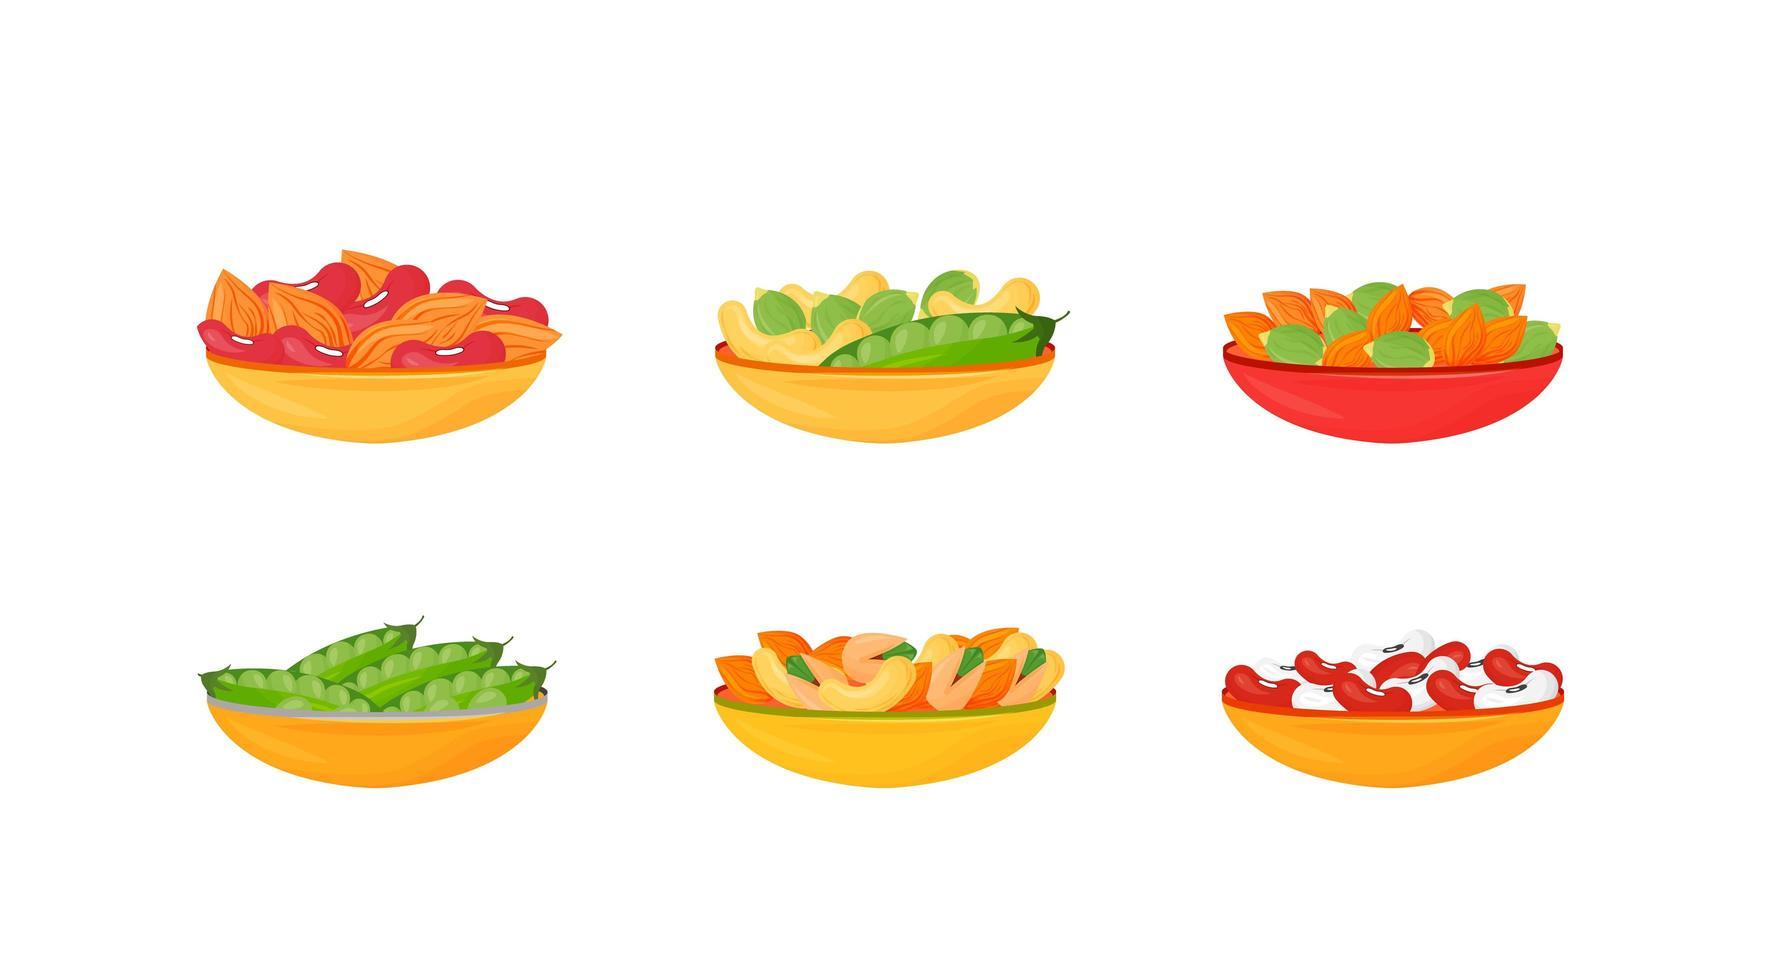 nötter och bönor och frön i skålar vektor